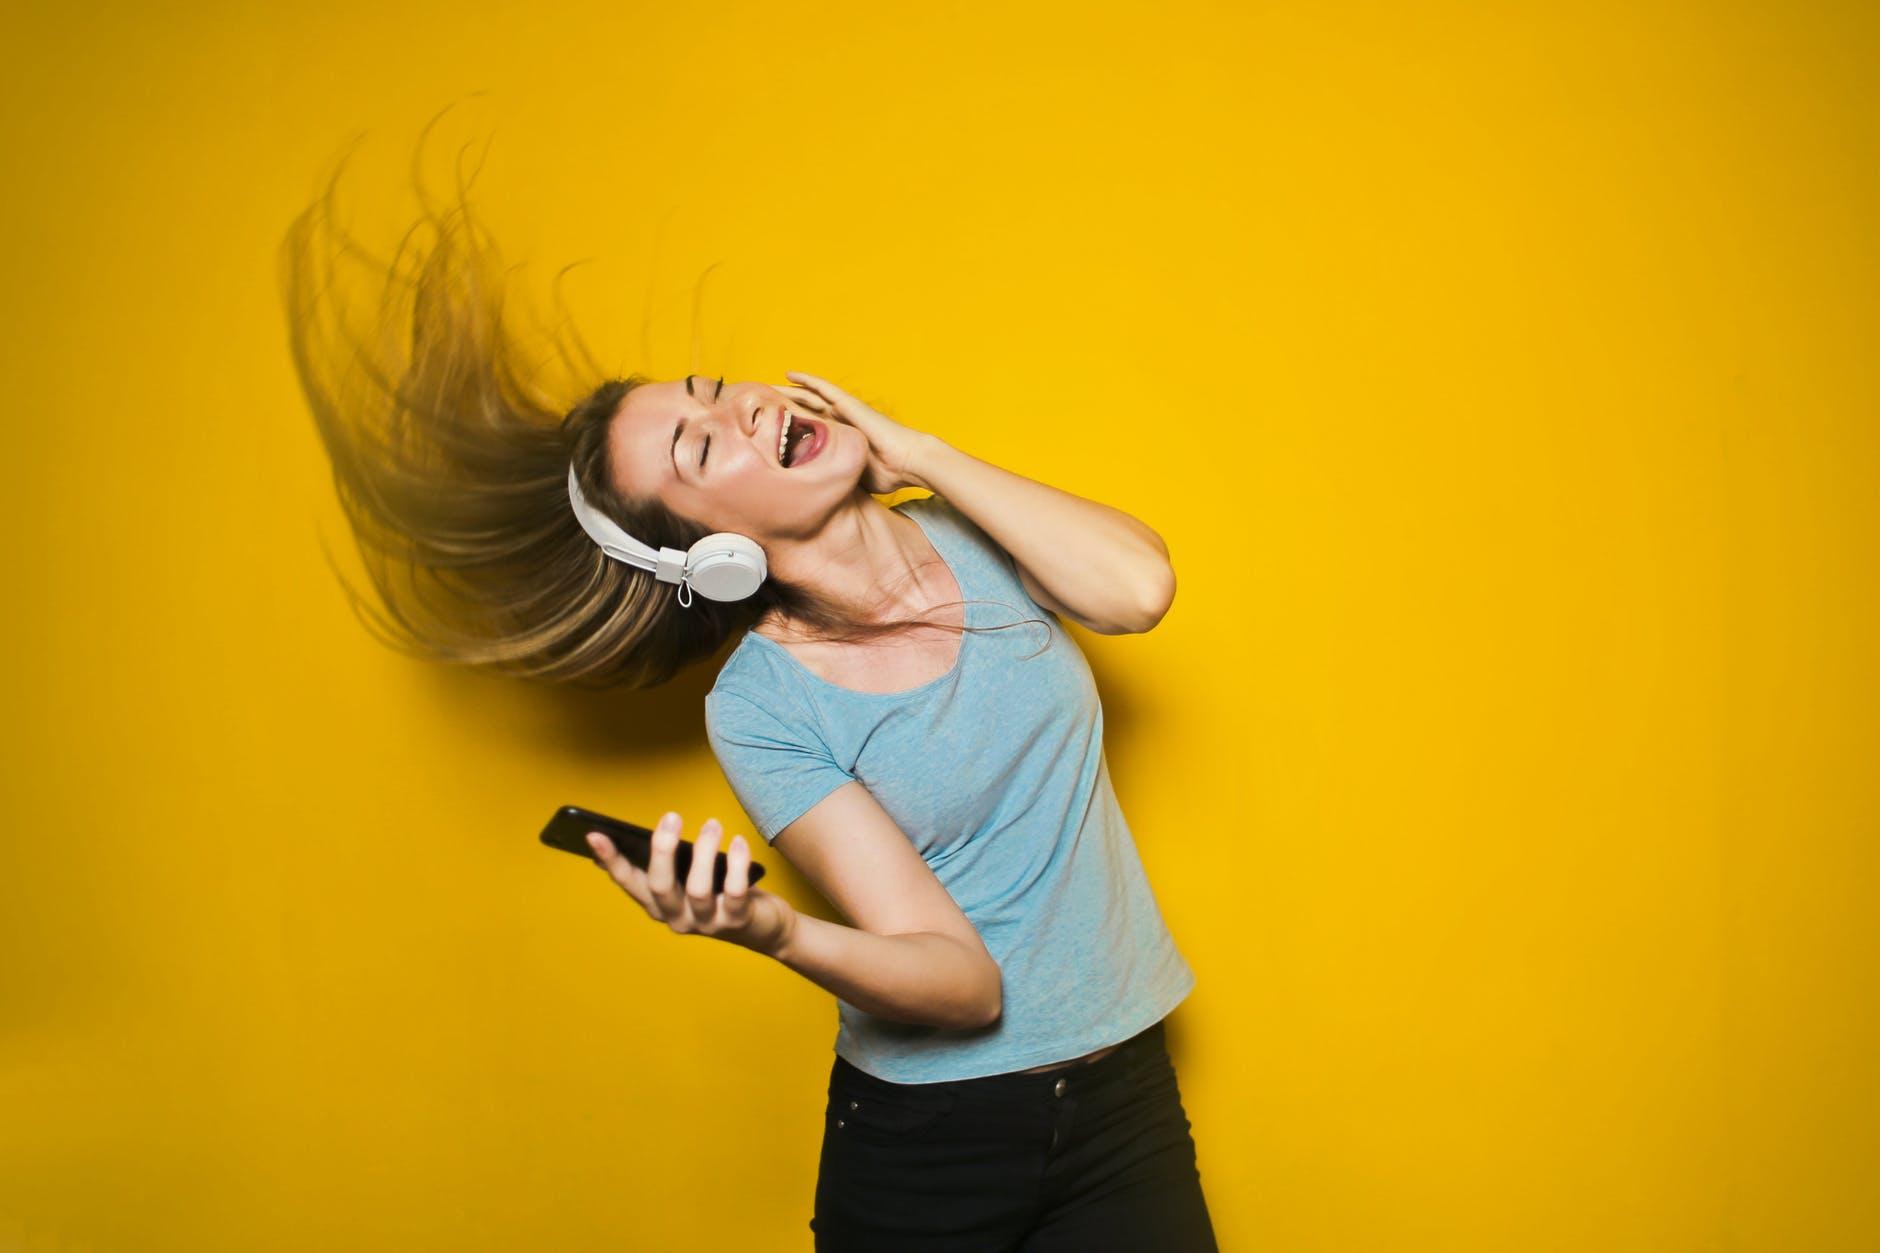 �Nederlandstalige muziek is slecht voor de seks�